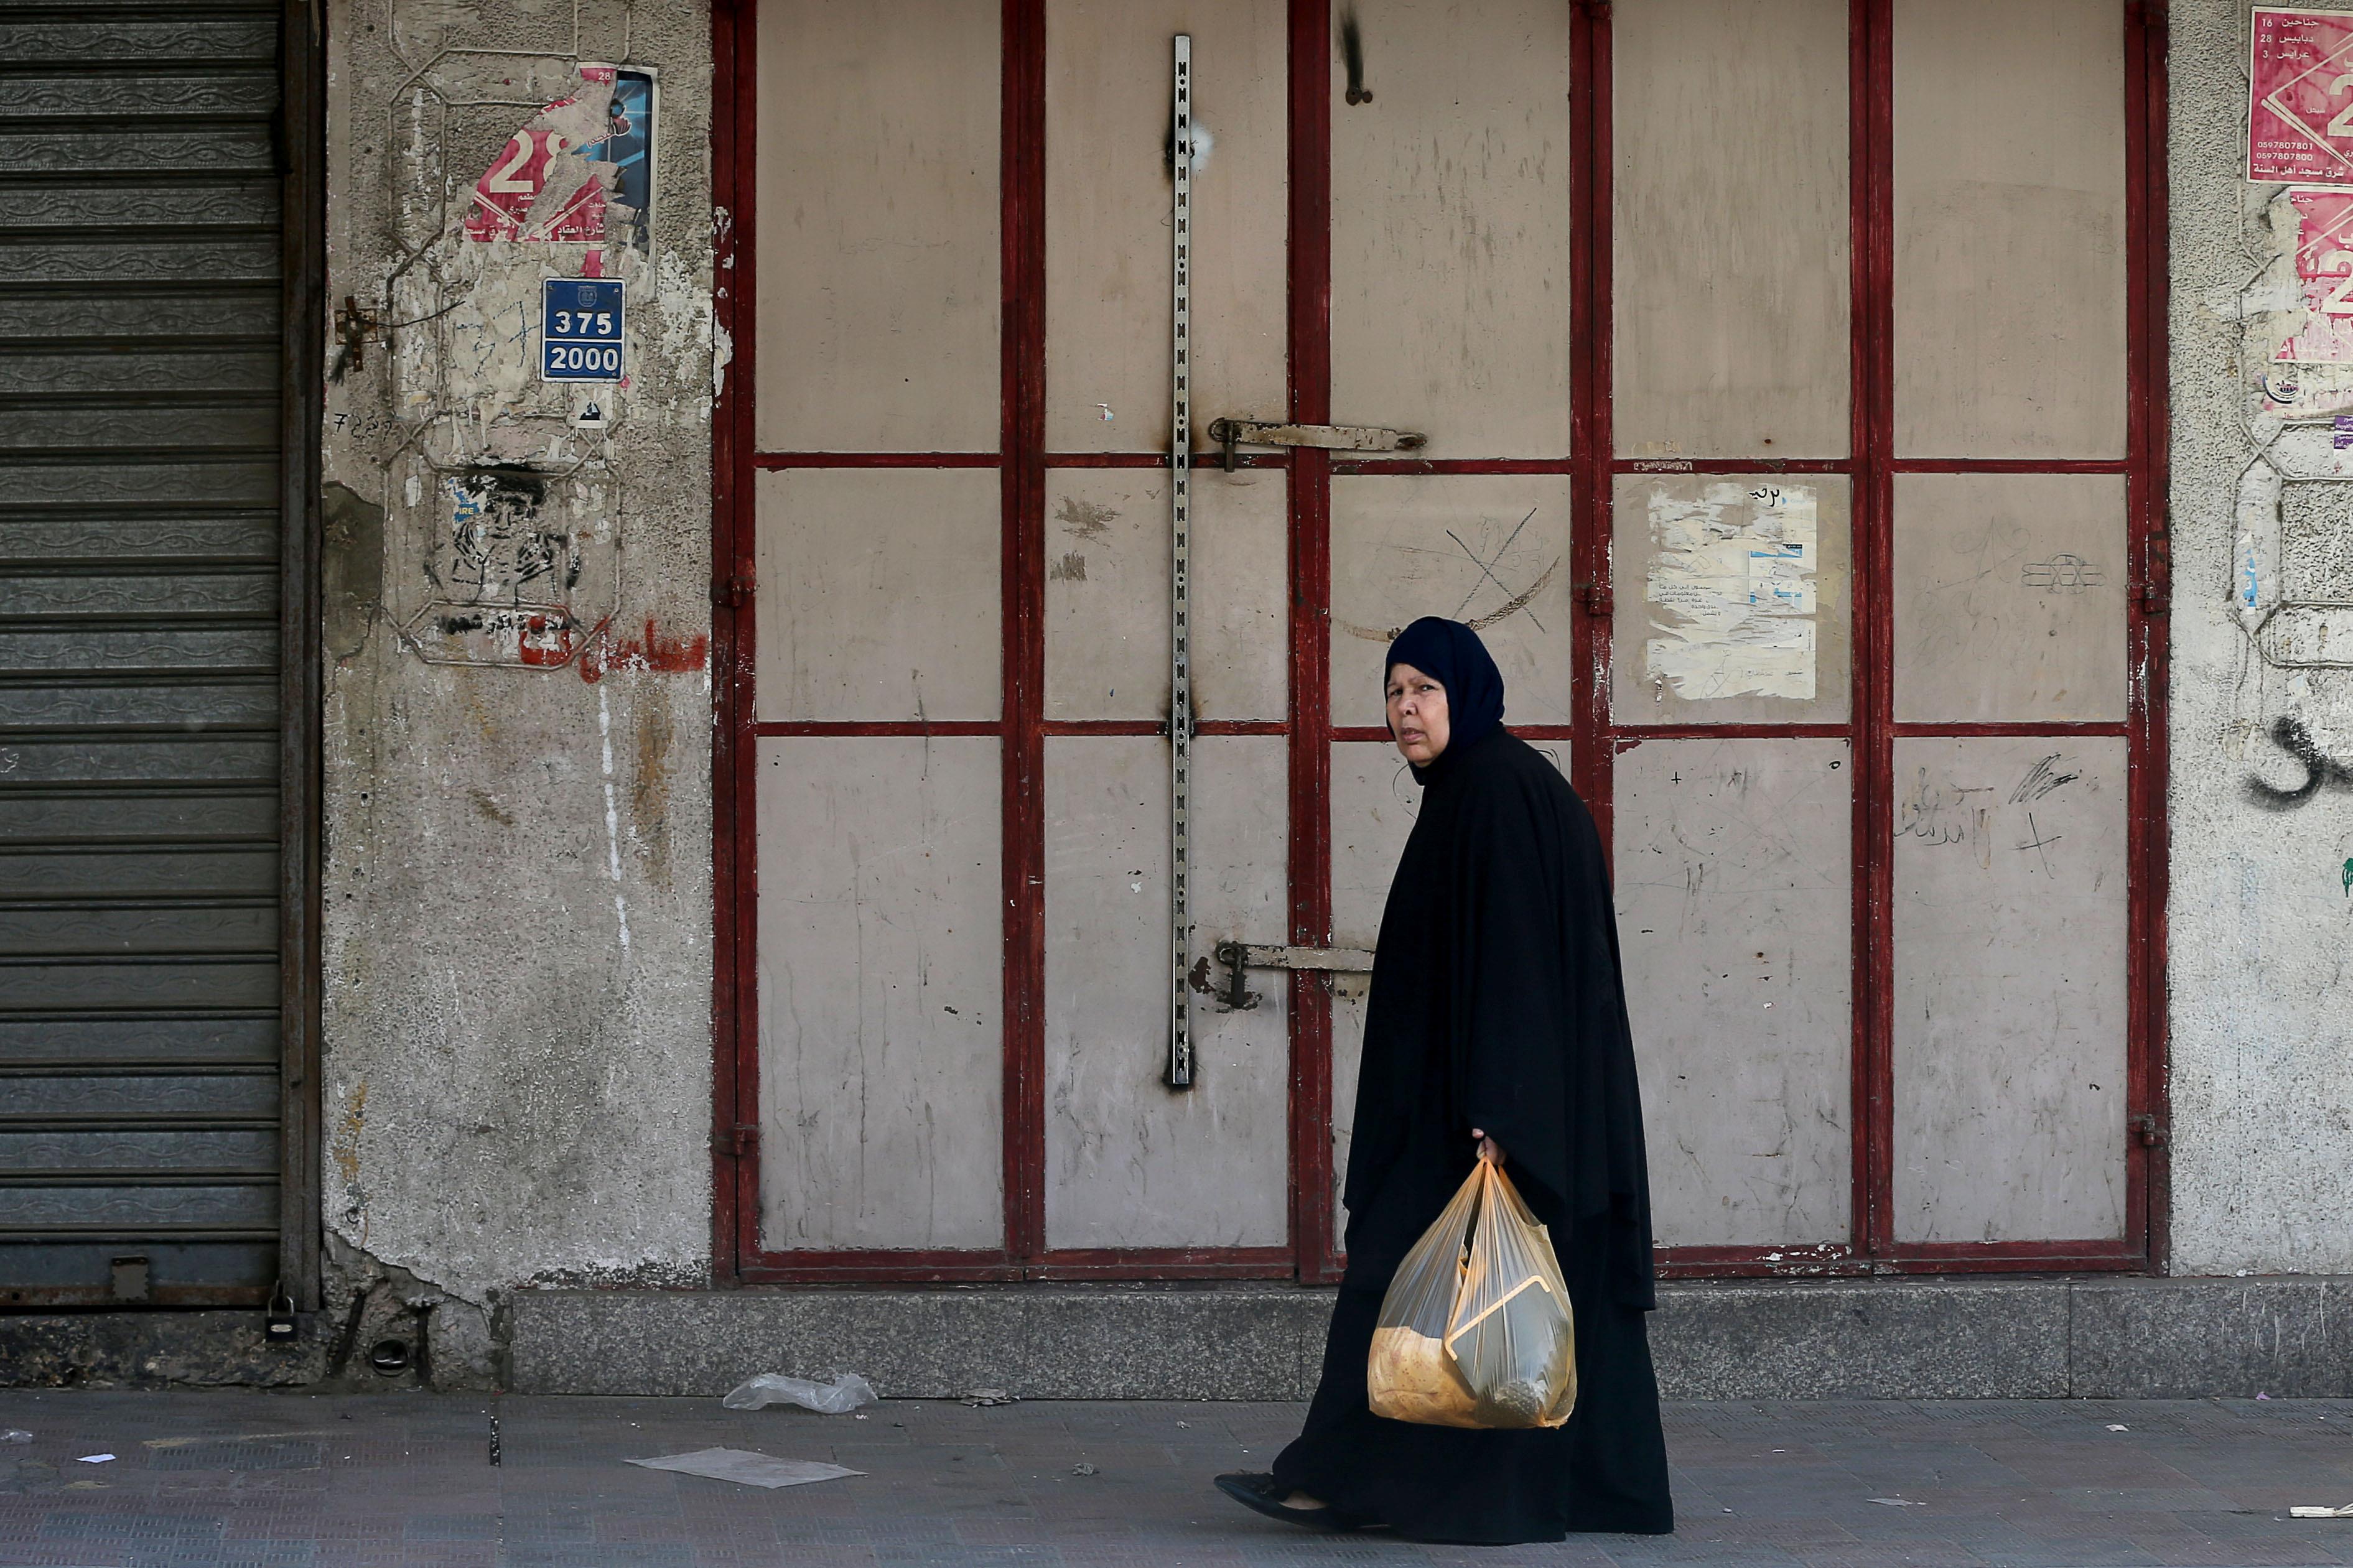 المحال التجارية تغلق أبوابها فى غزة